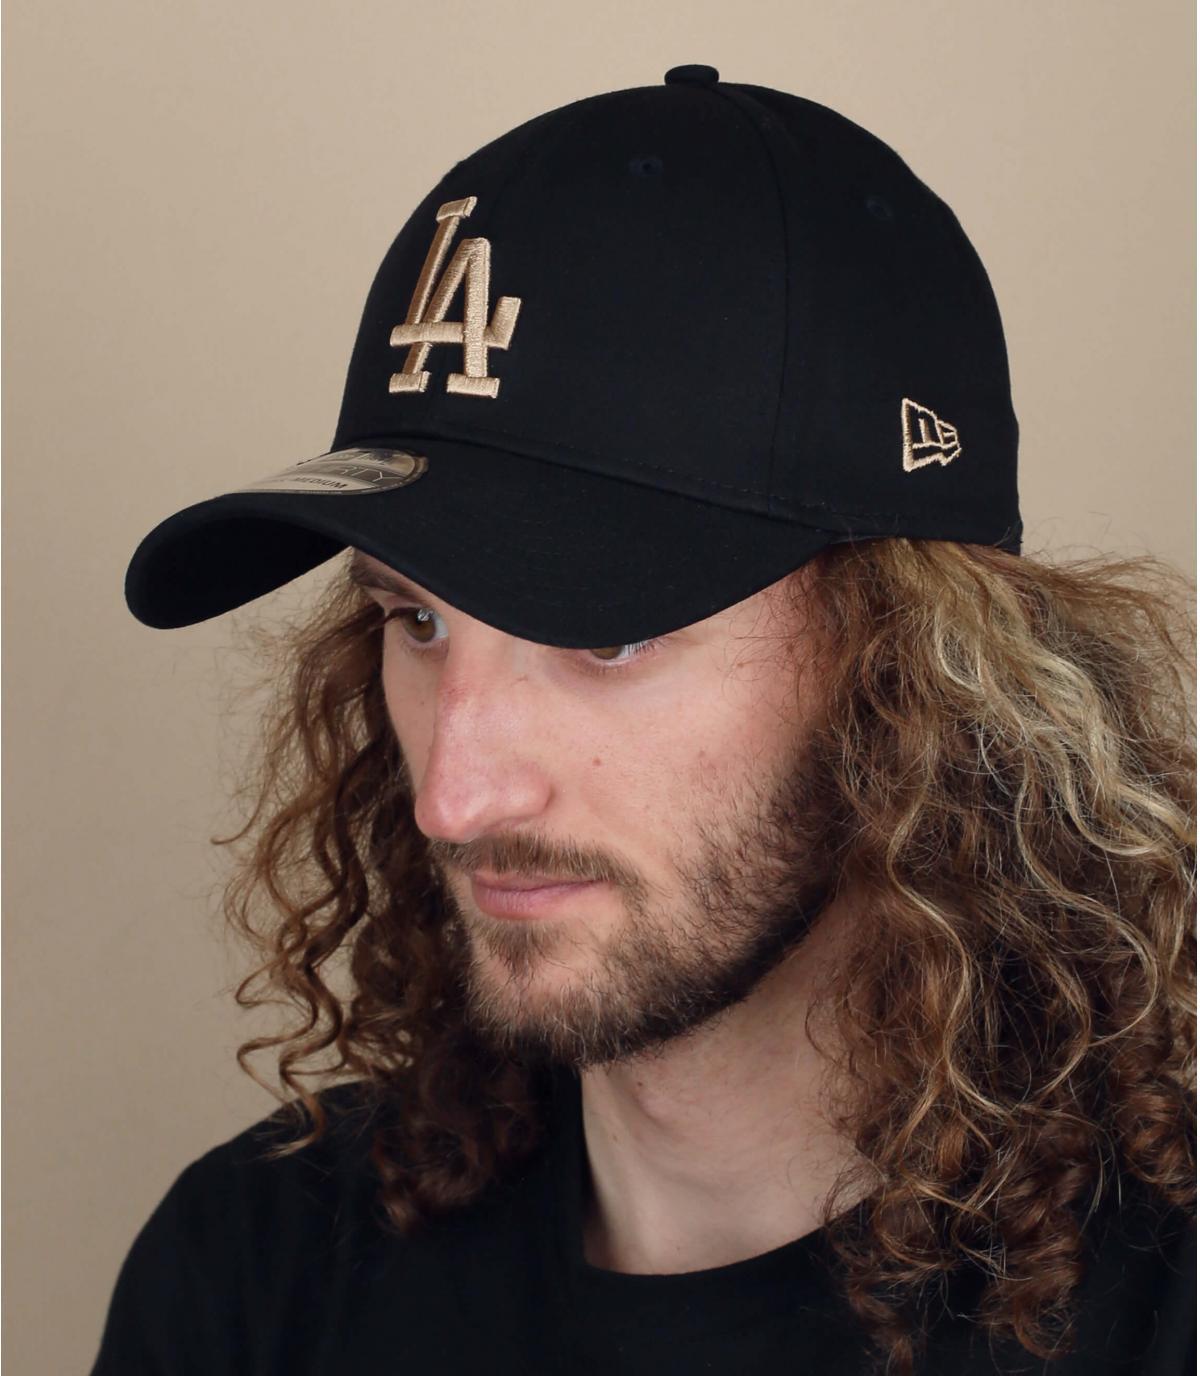 zwart beige LA cap